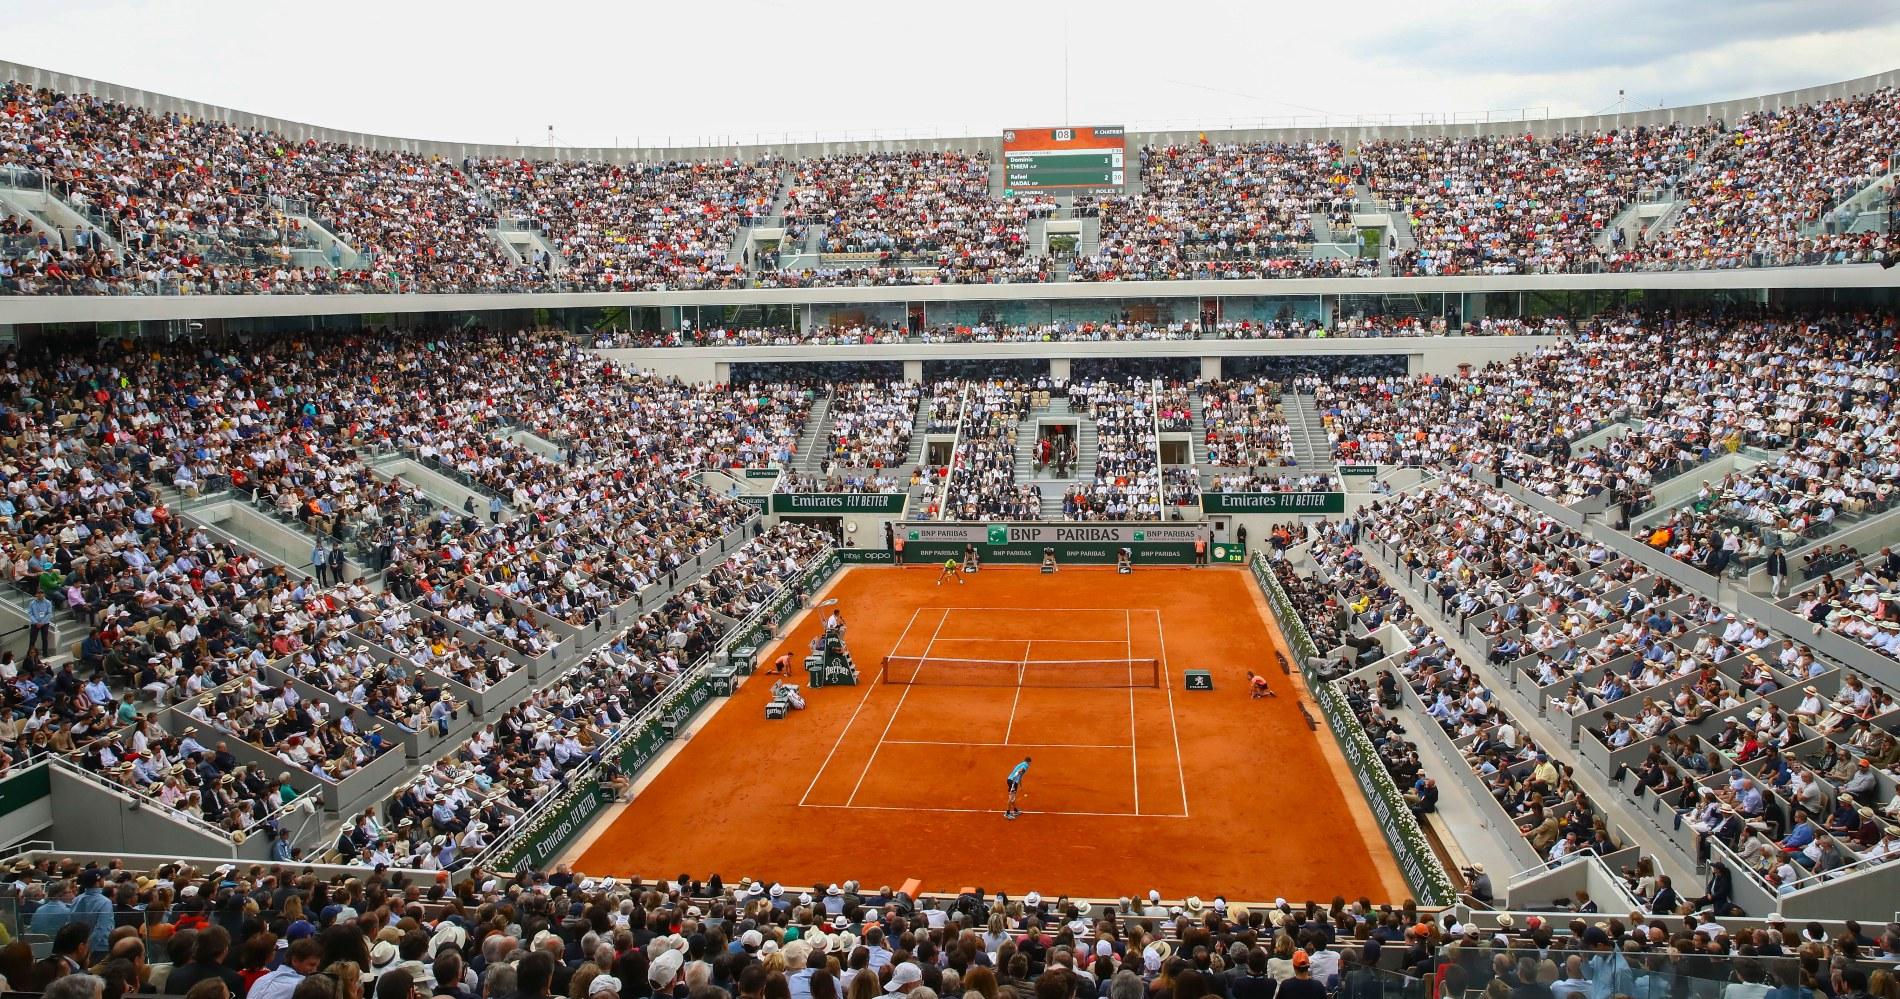 Court Philippe Chatrier Roland Garros